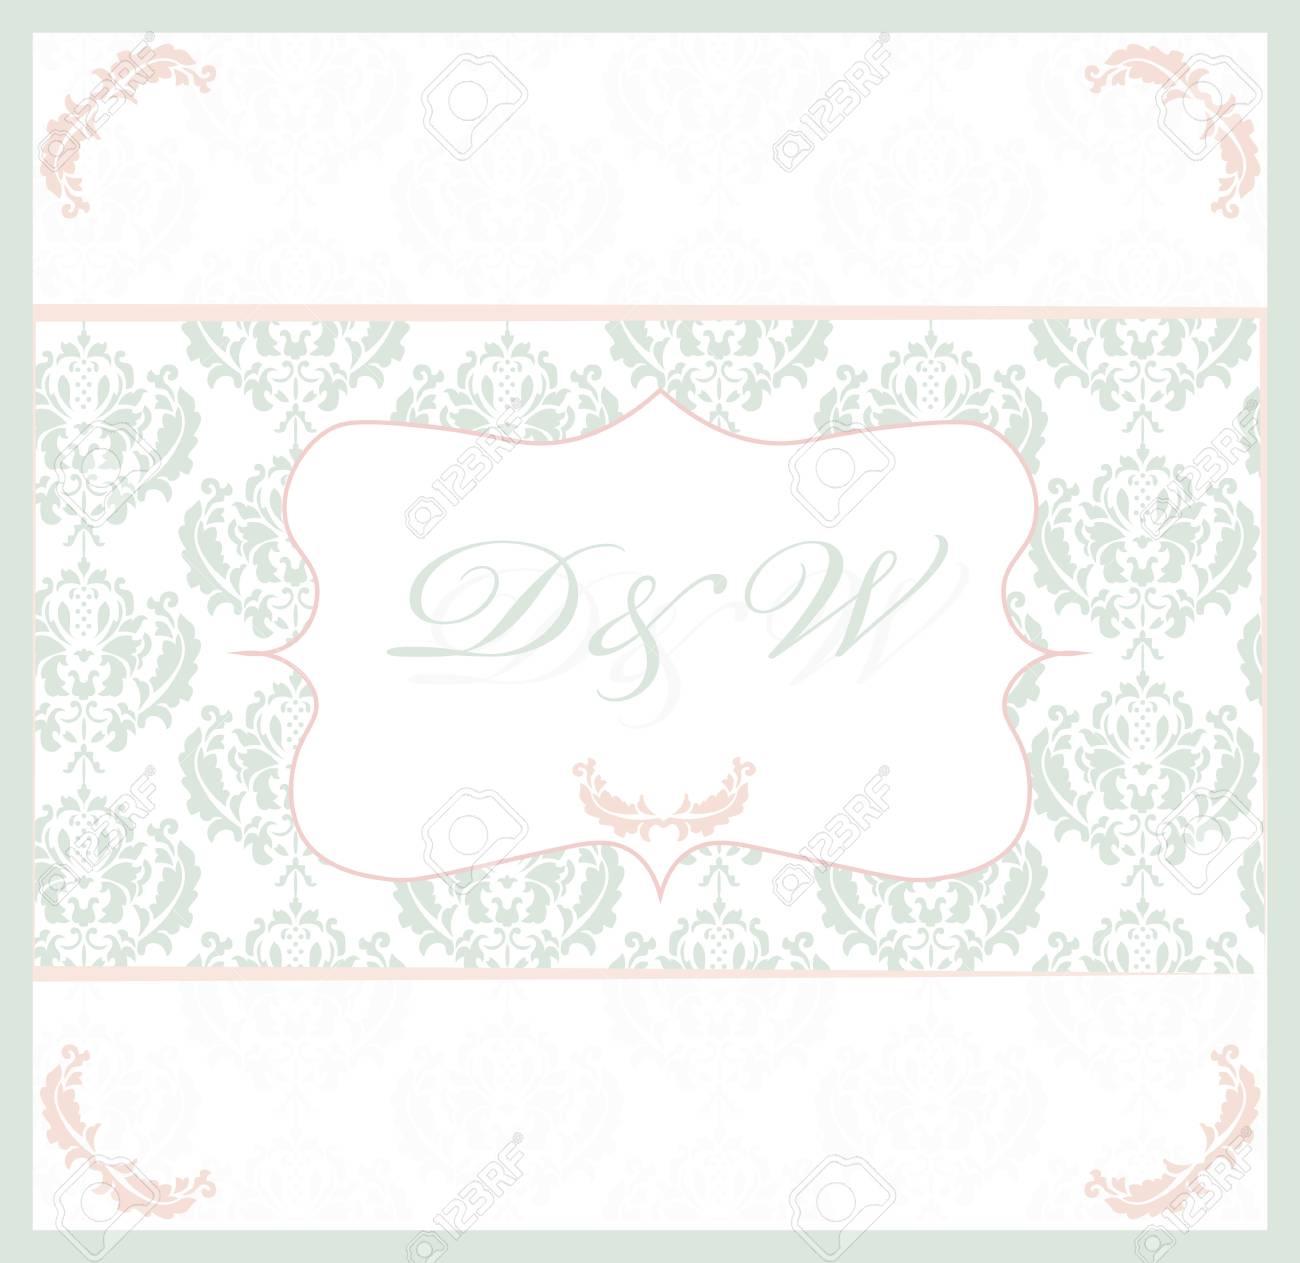 Tarjeta Vintage Con Patrón De Ornamento De Encaje De Damasco Tarjeta De Invitación Para Boda Ceremonia Aniversario Fiesta Color Azul Y Dorado